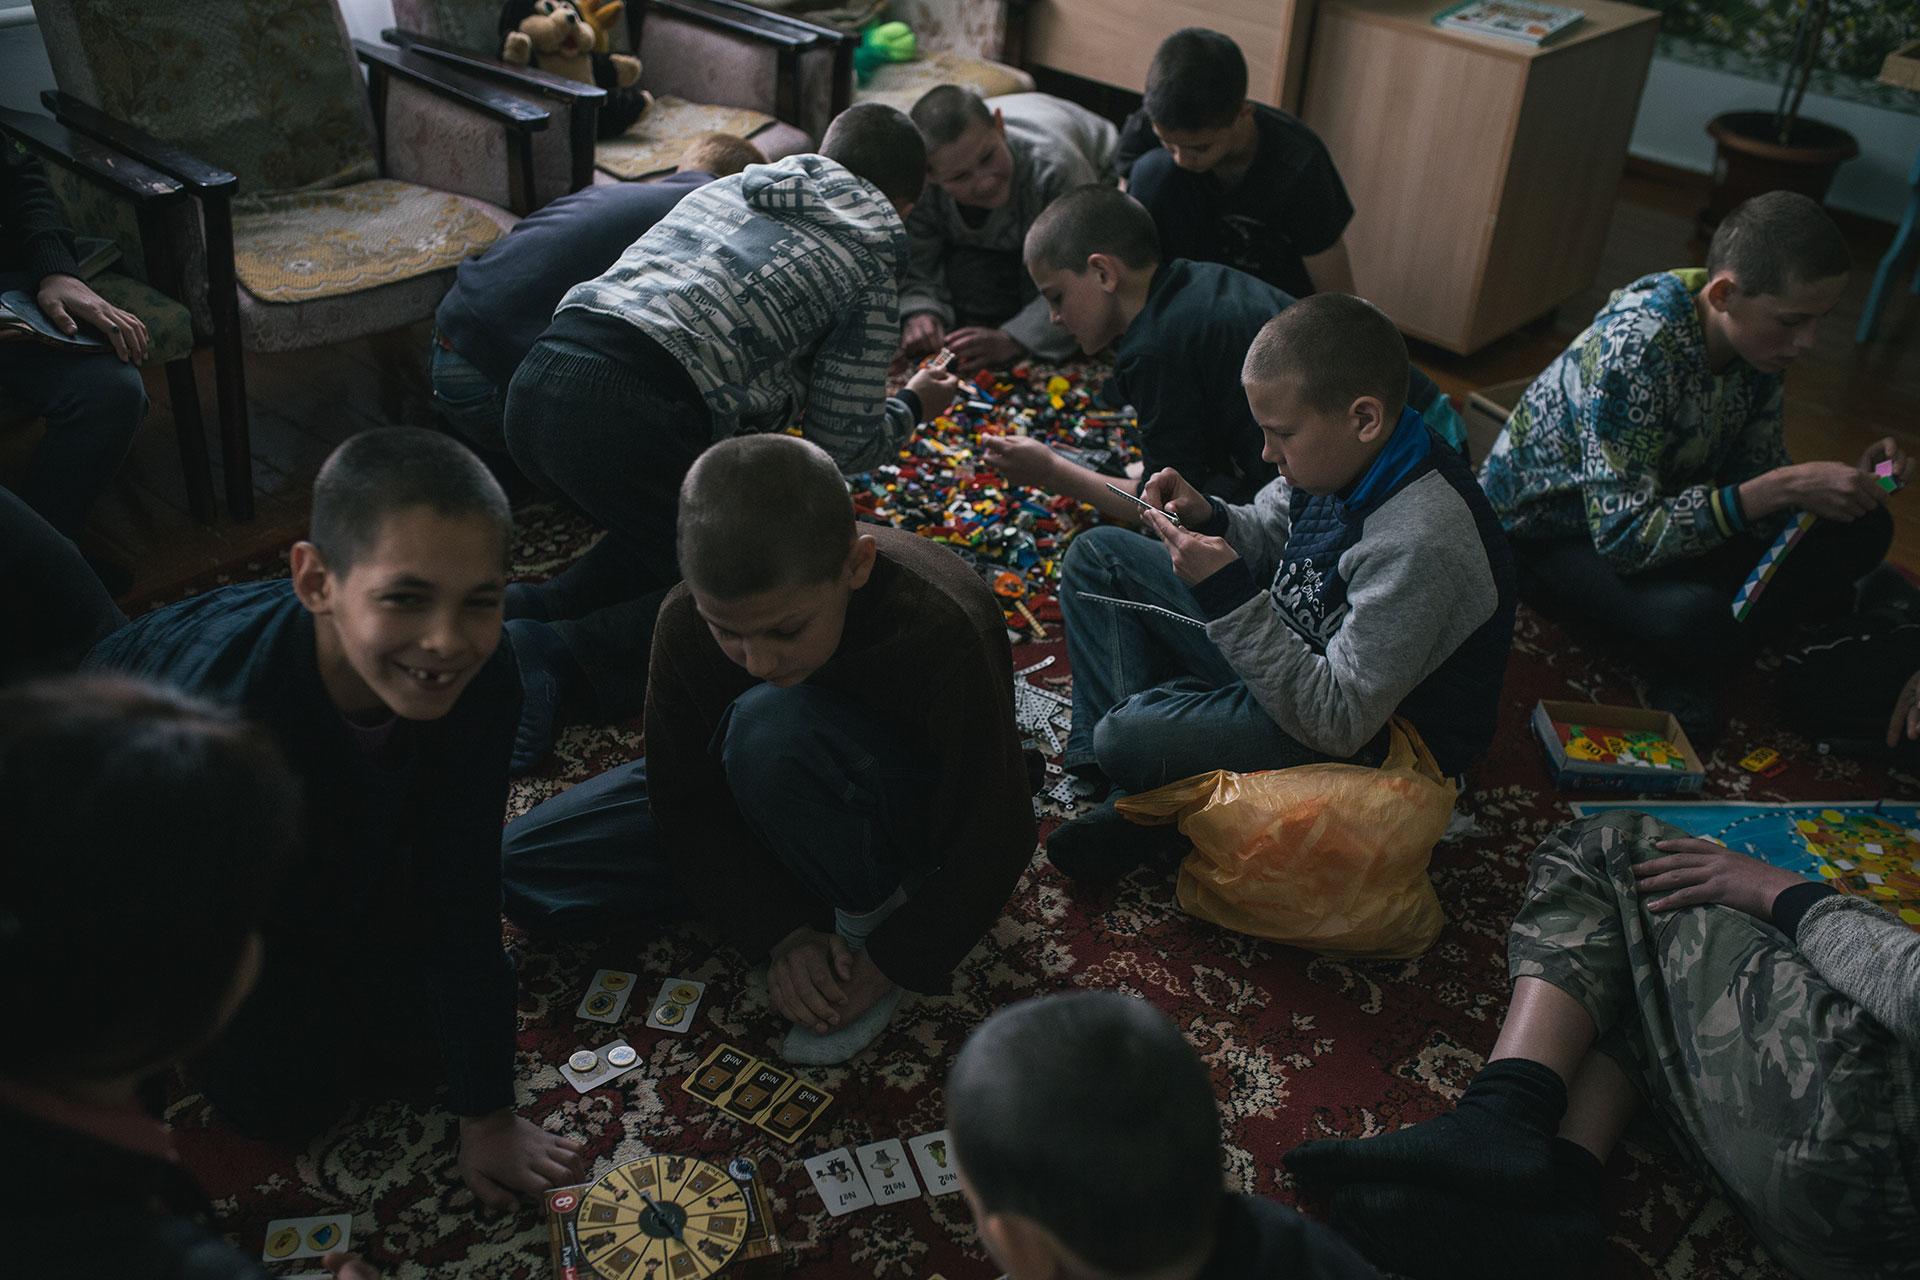 Muchos niños no han visto juguetes y lego alguna vez, a excepción de la oficina del psicólogo en una escuela especial.